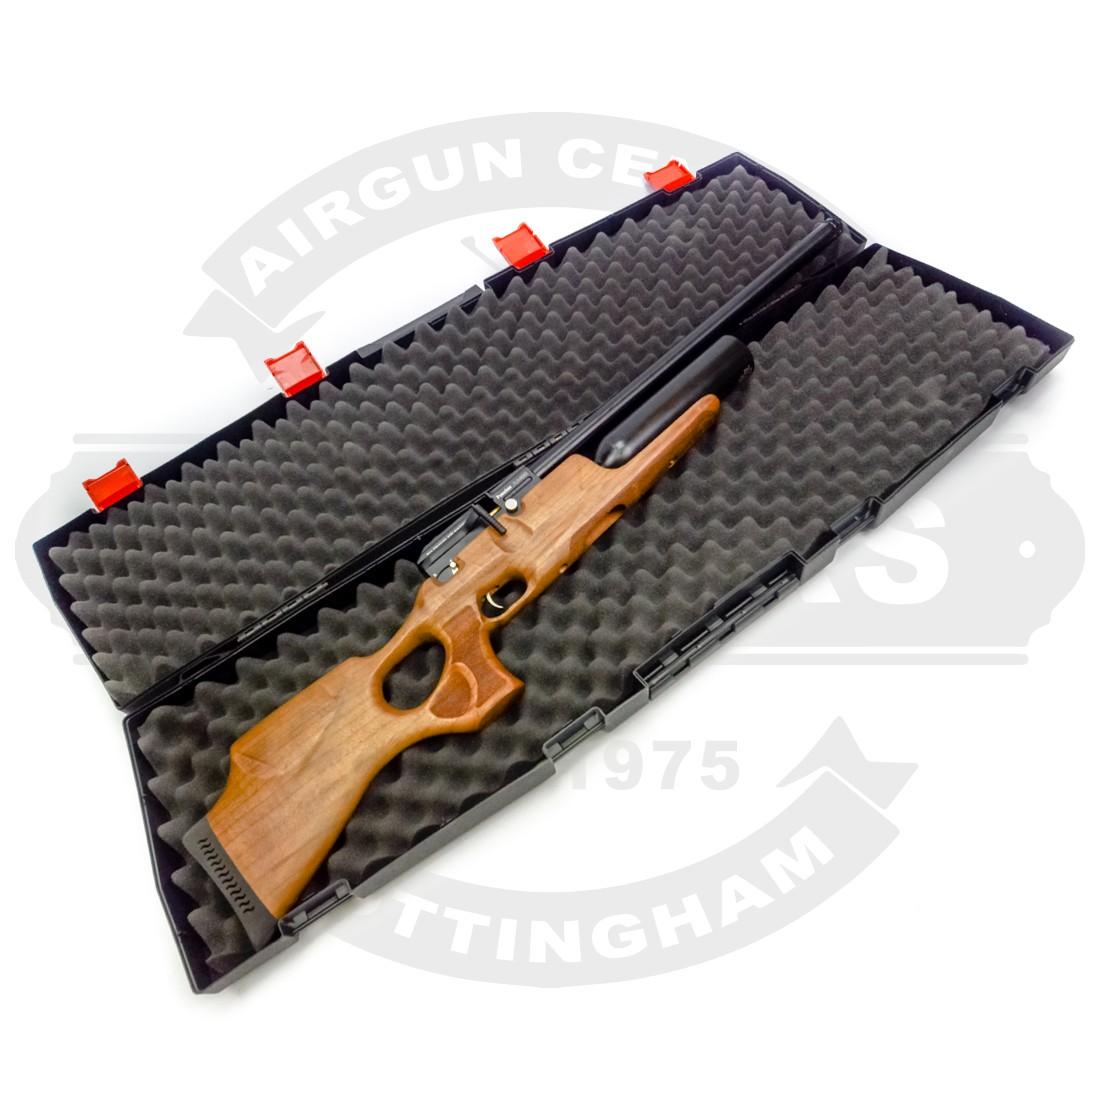 Kral Puncher Jumbo Mk2 T Walnut  25 - Air Rifles New - New